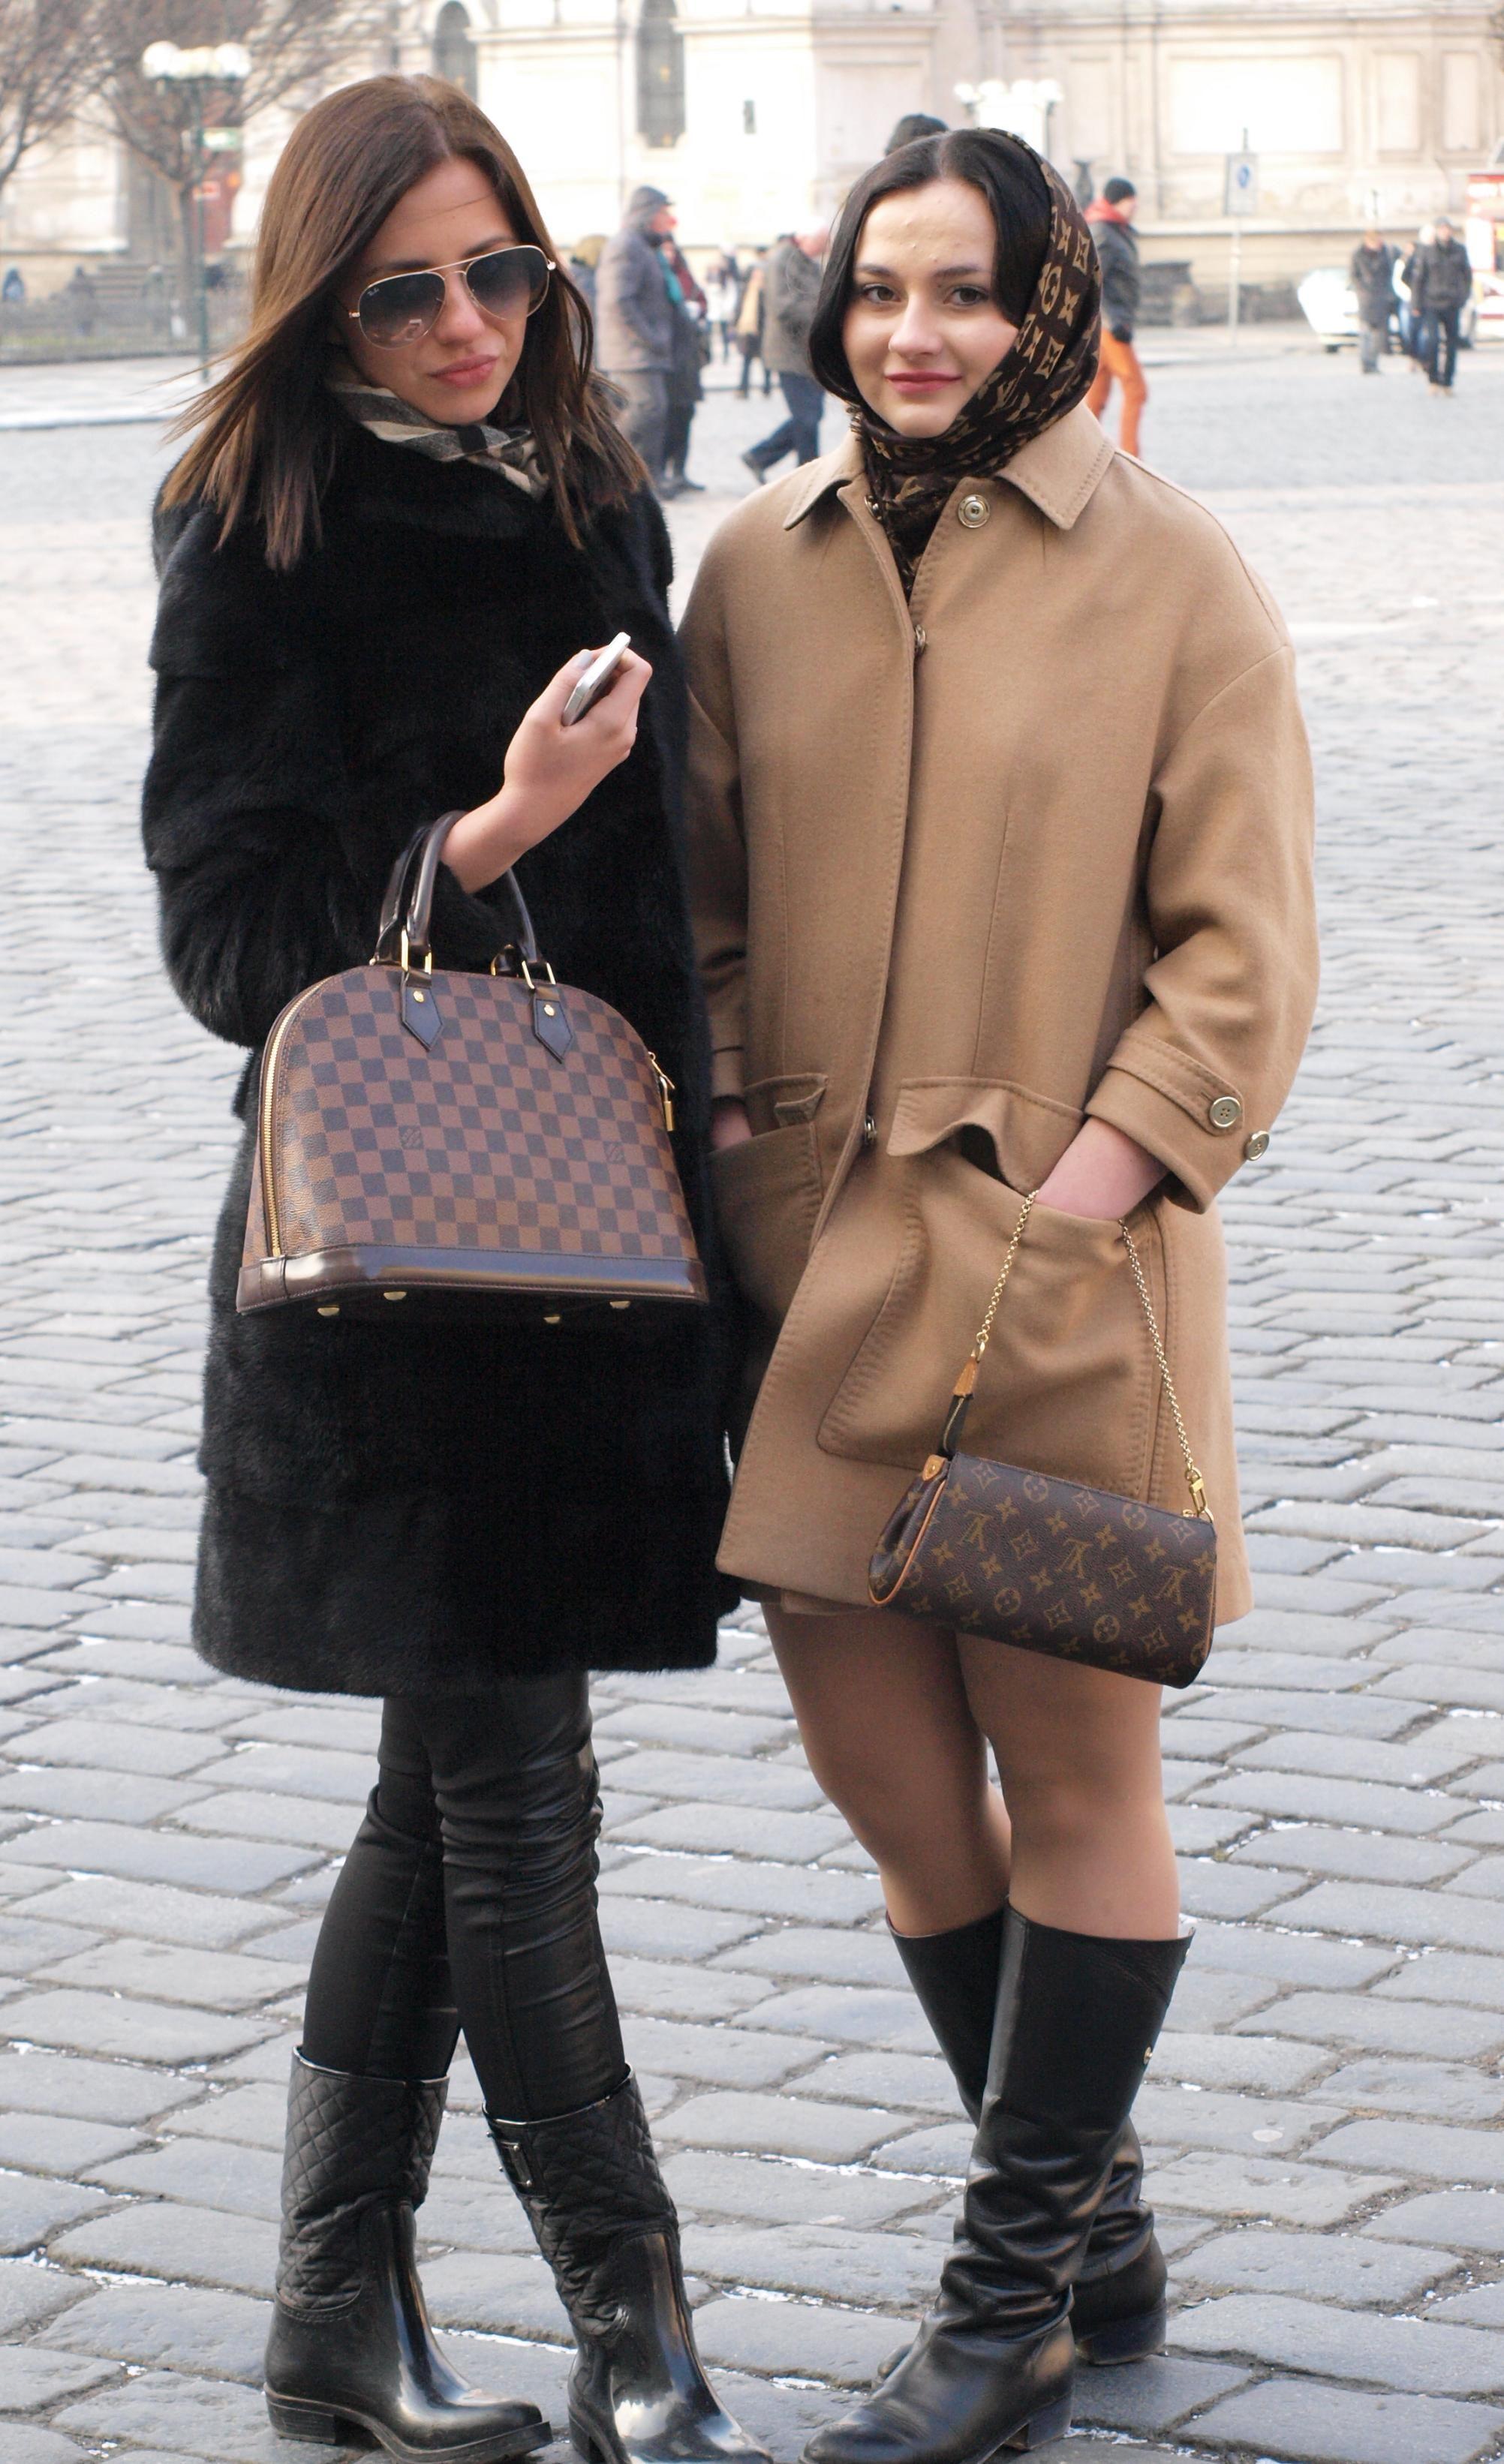 Nice russian girls